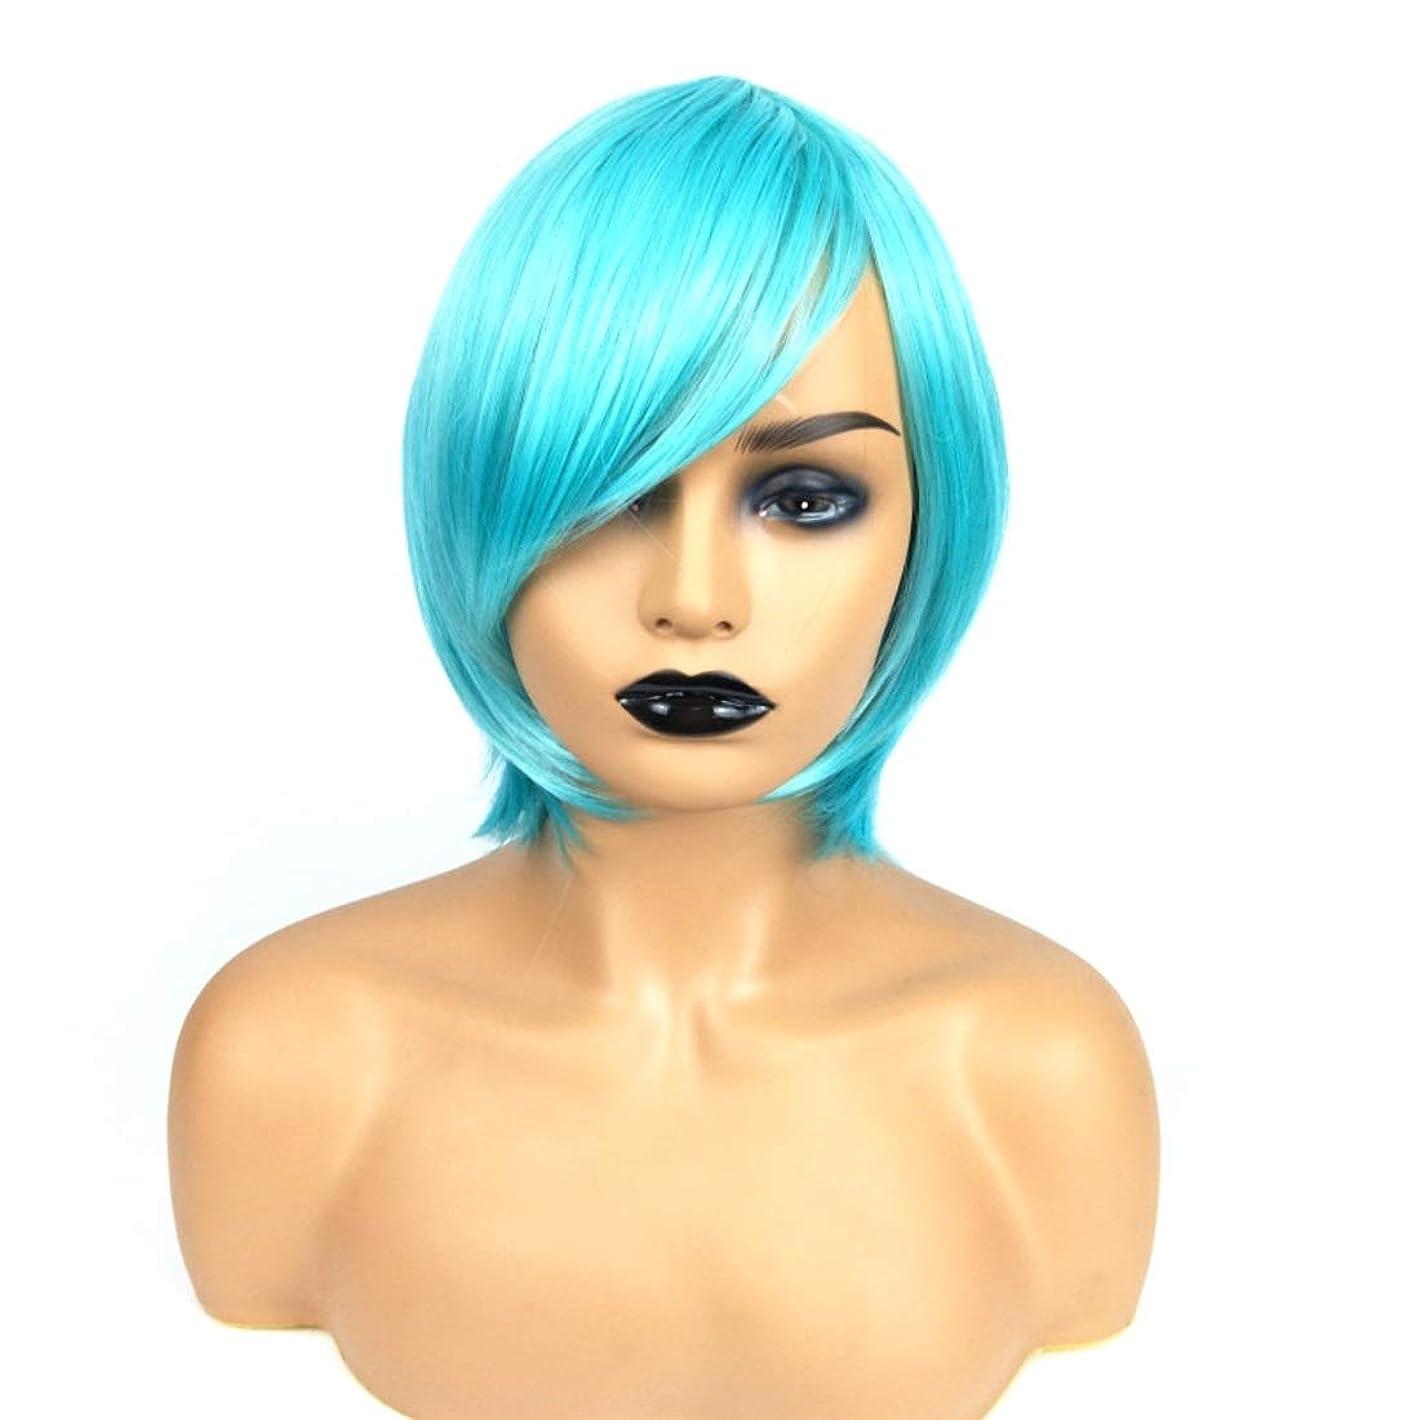 おっと刺しますアーティキュレーションSummerys ライトブルーのショートストレートヘアショートボブヘアウィッグストレート前髪と女性用